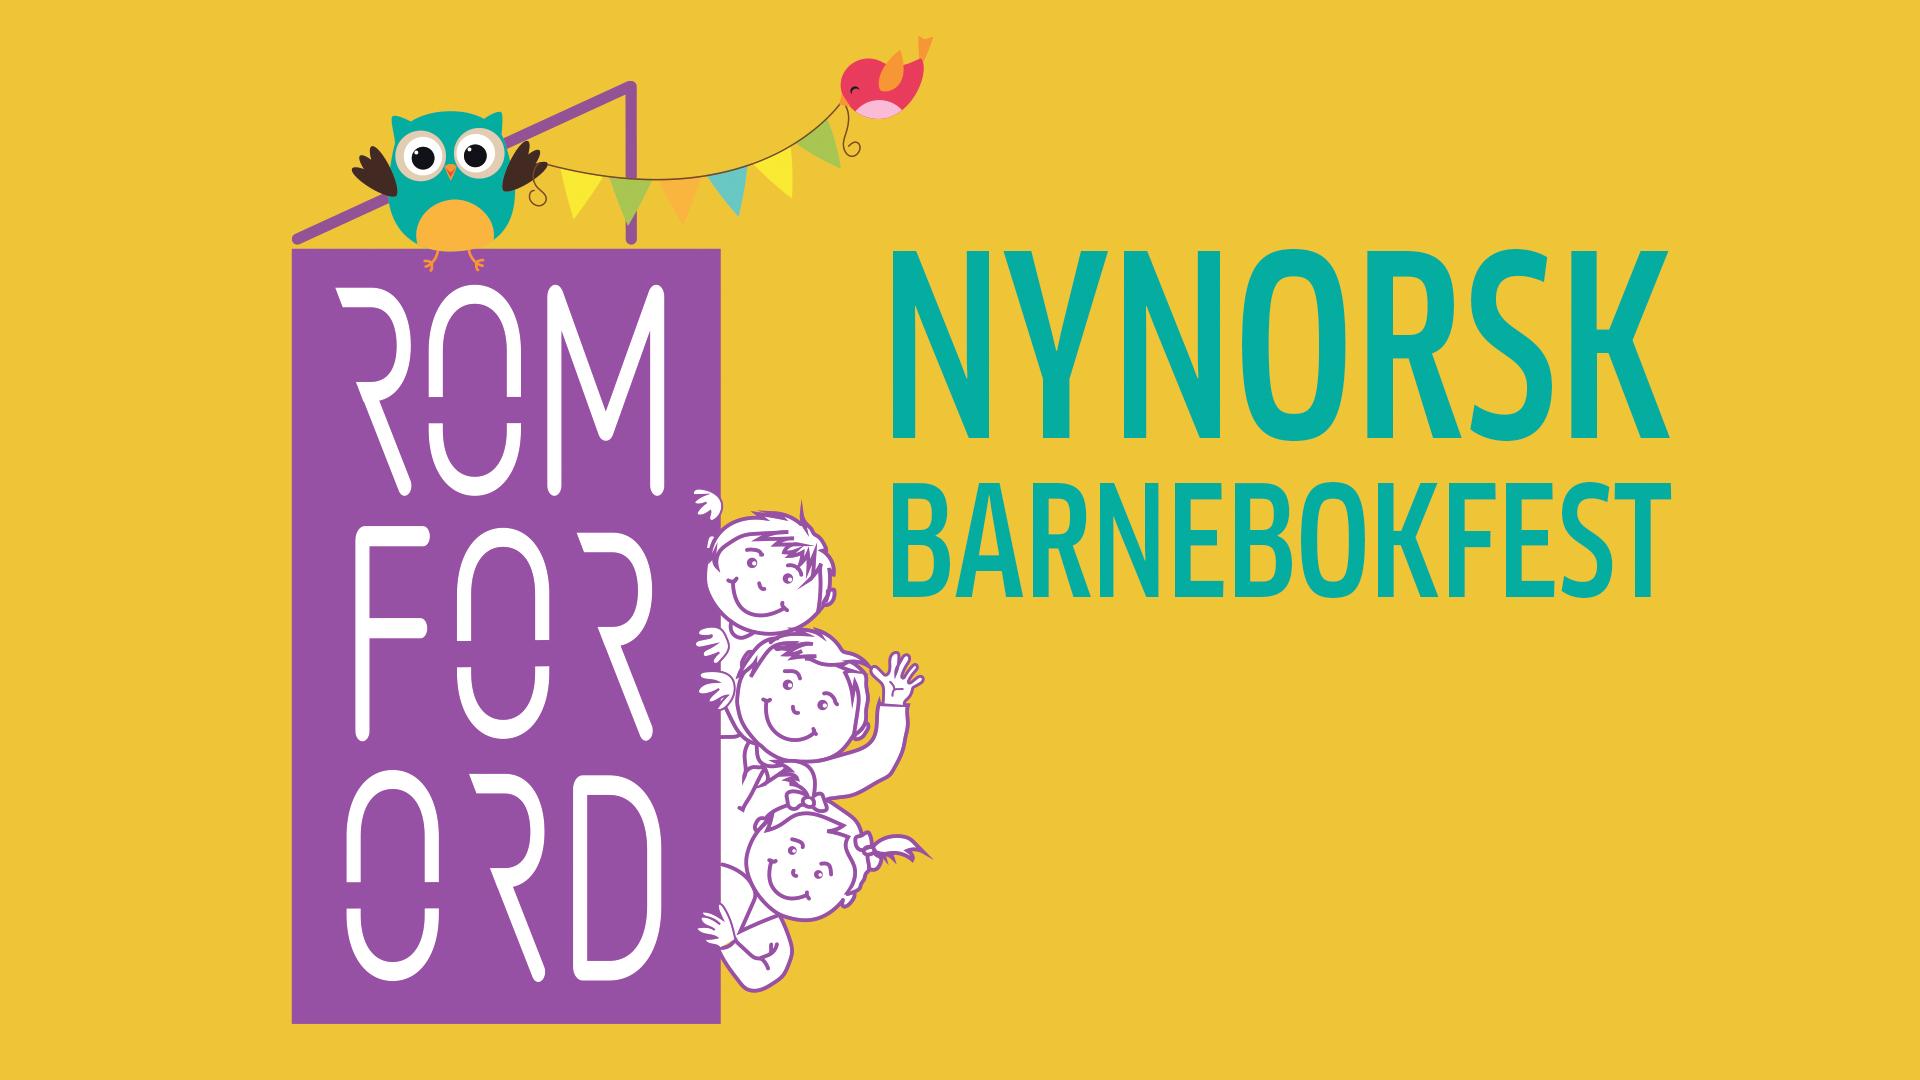 Nynorsk barnebokfest til Facebook.png